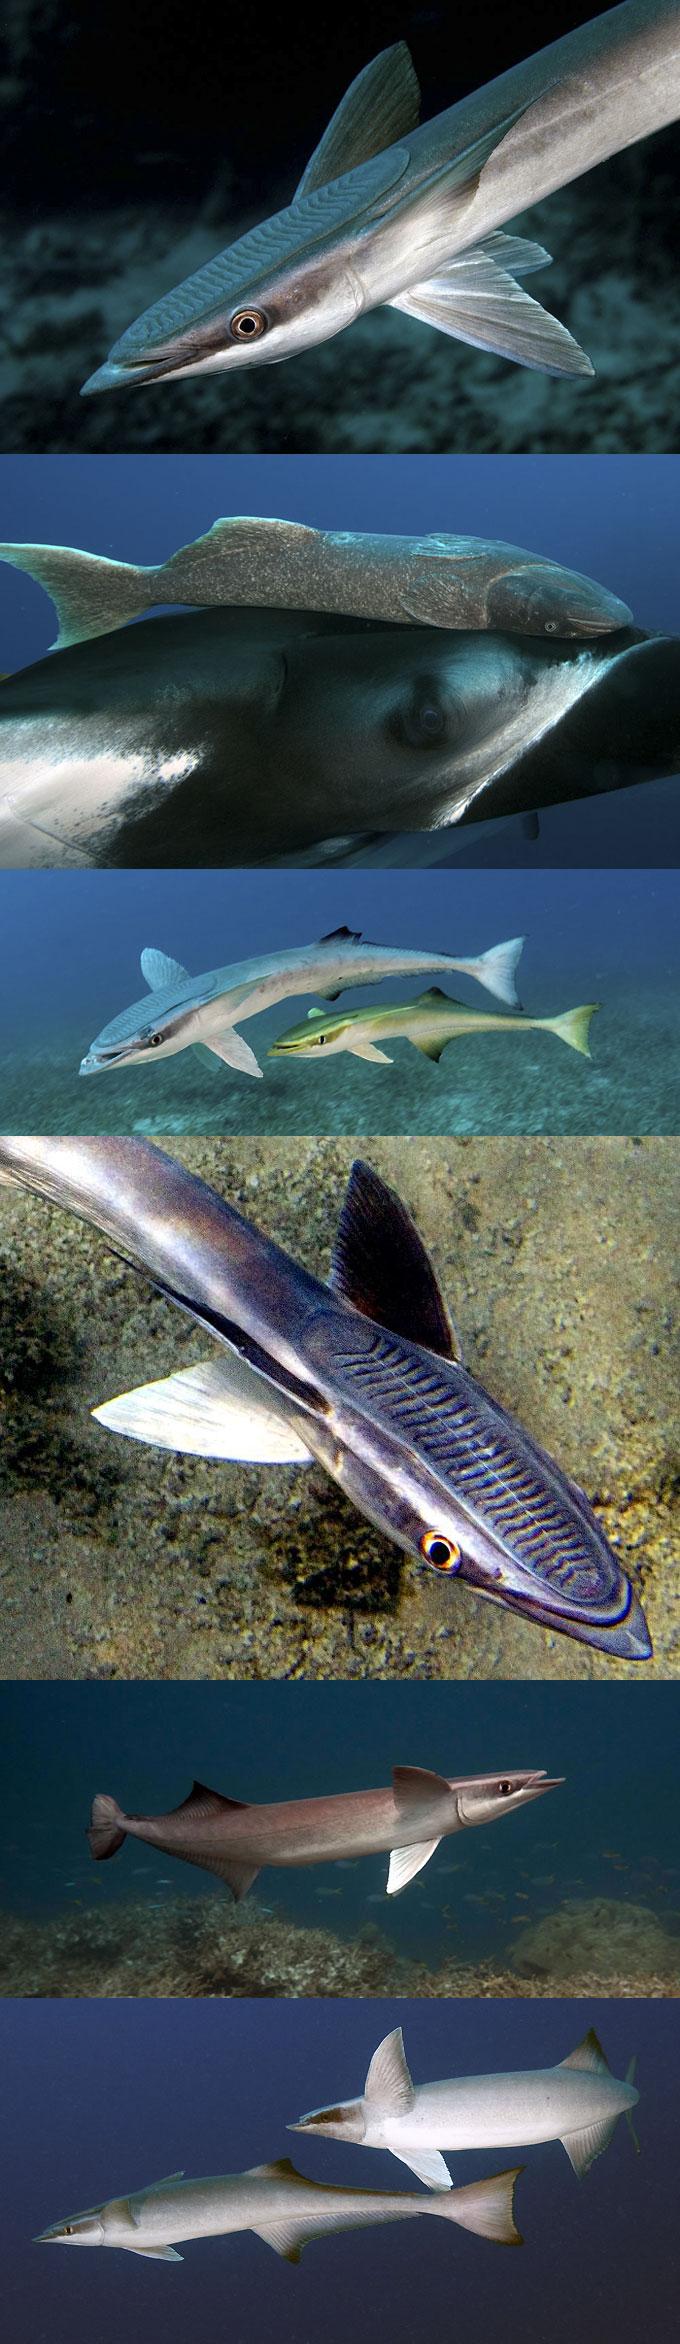 Фото: виды рыб-прилипал